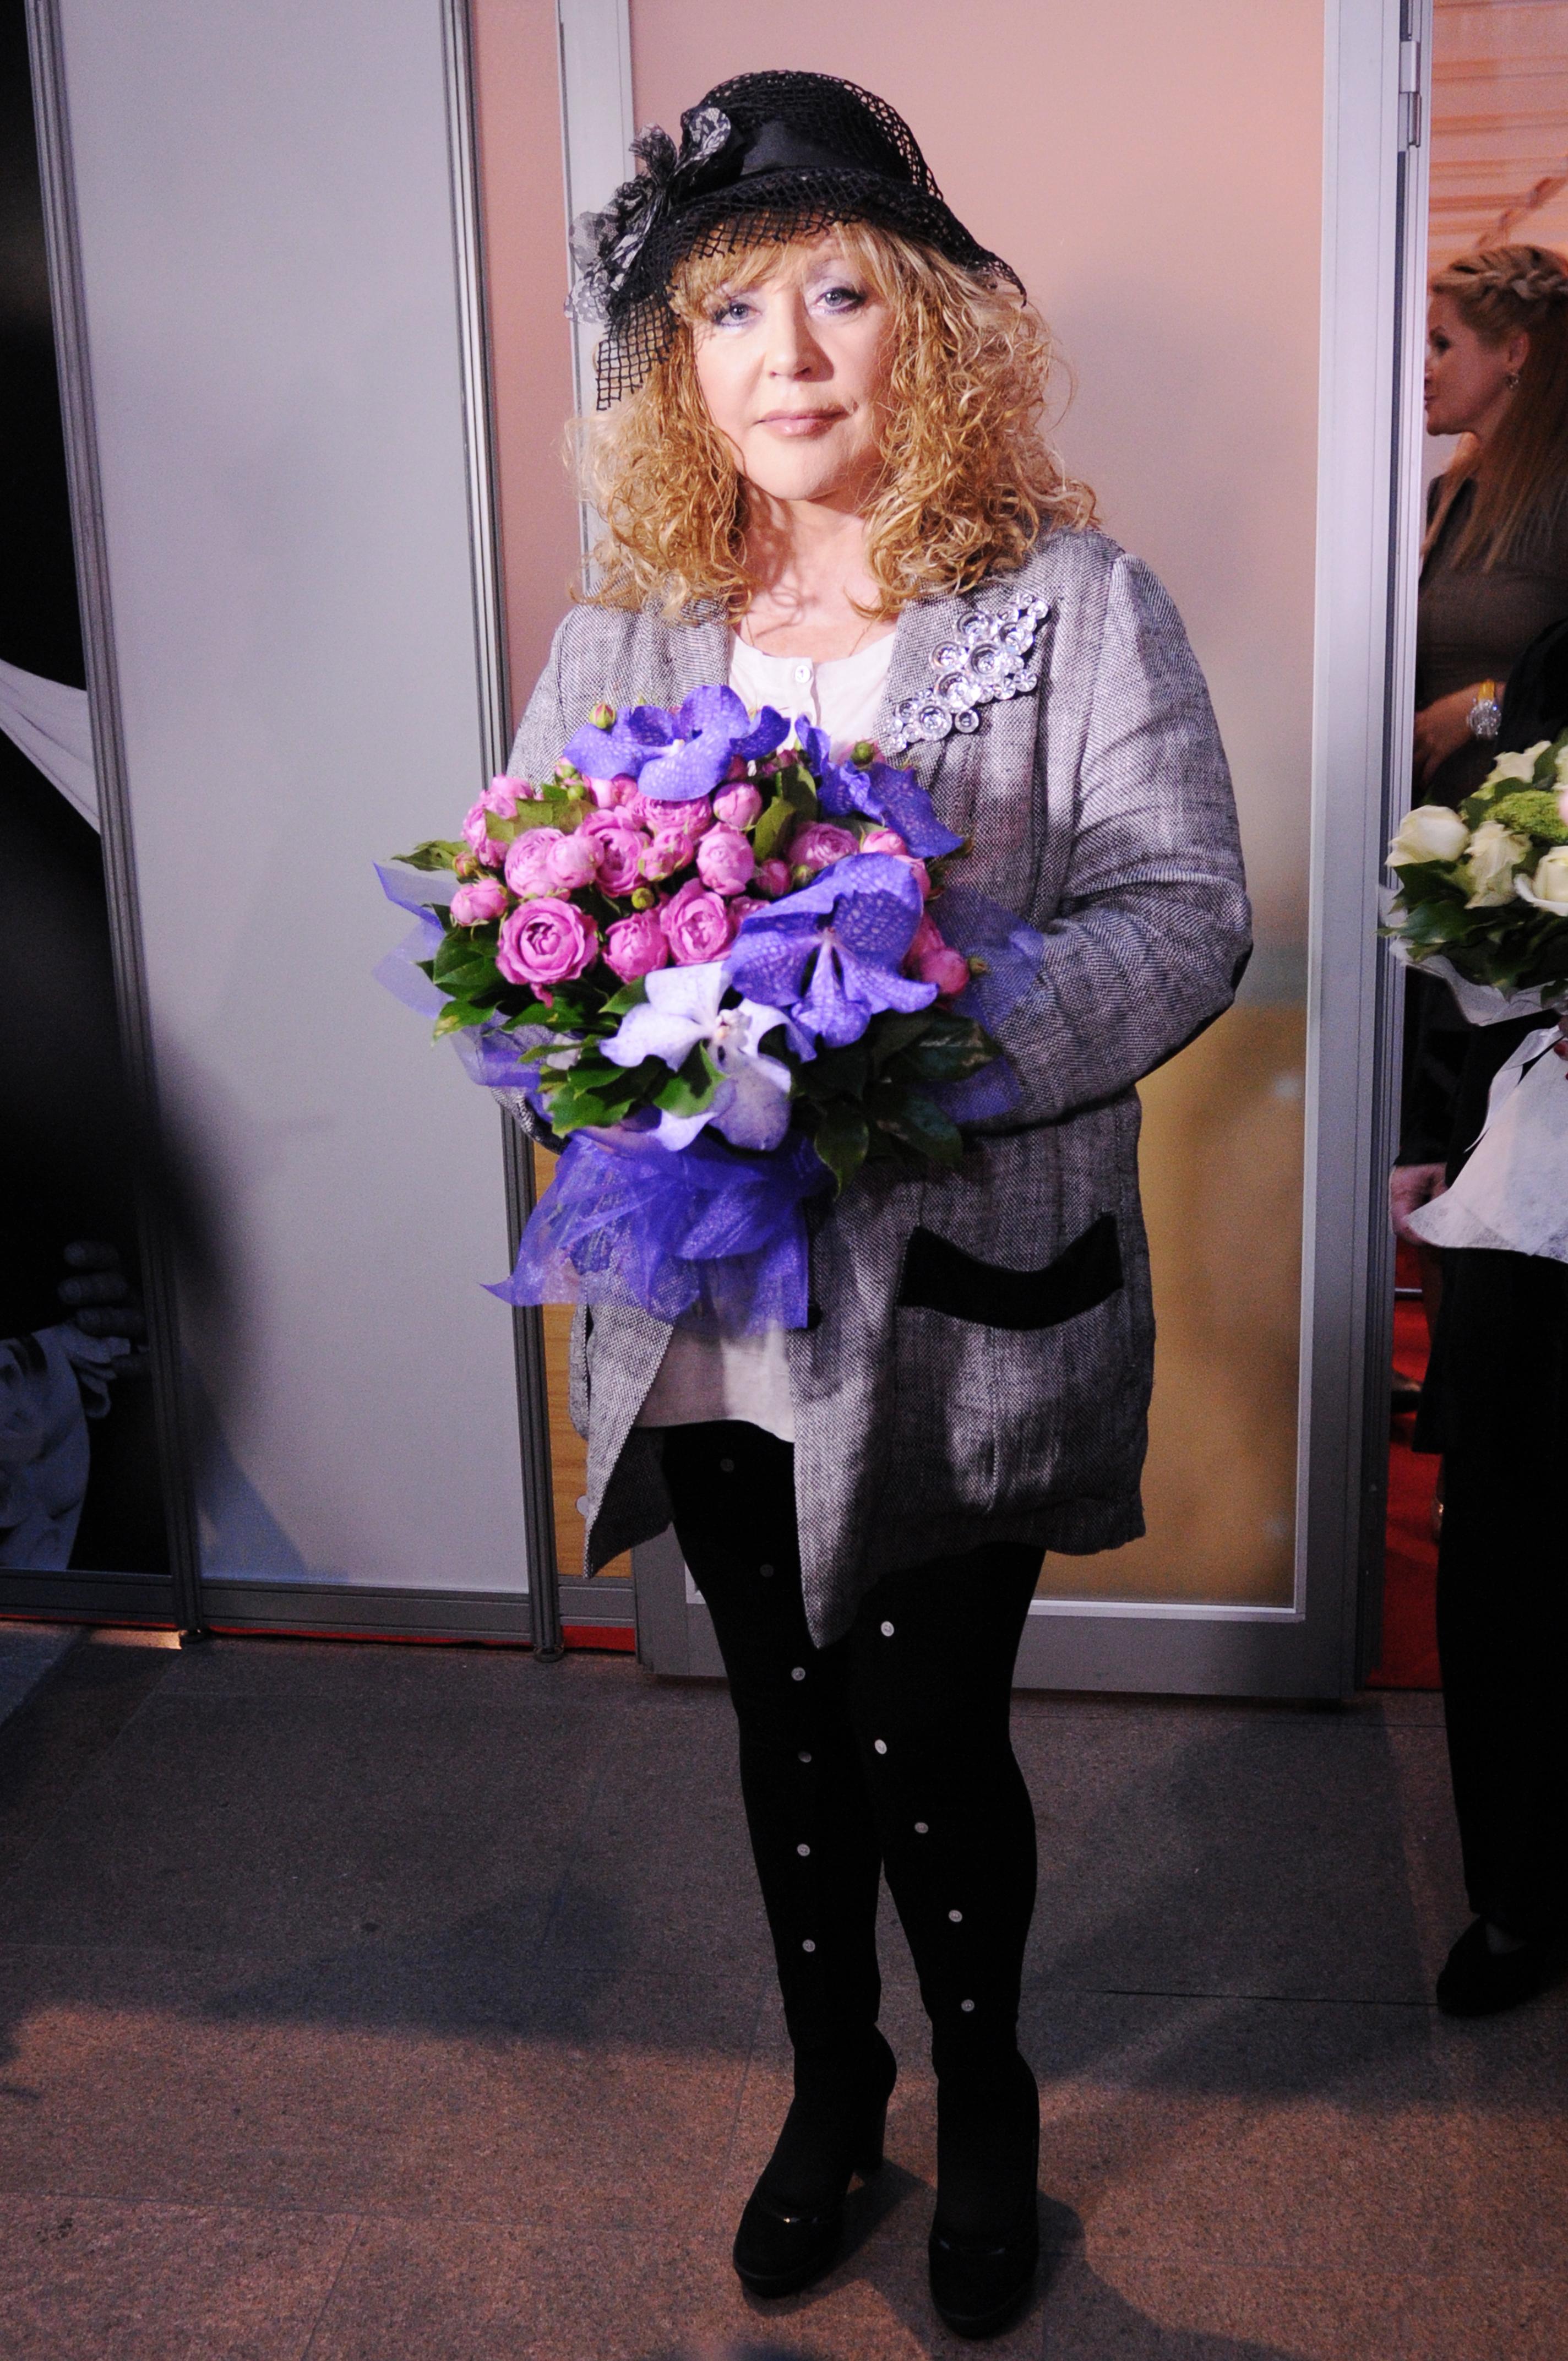 Пугачева с цветами фото